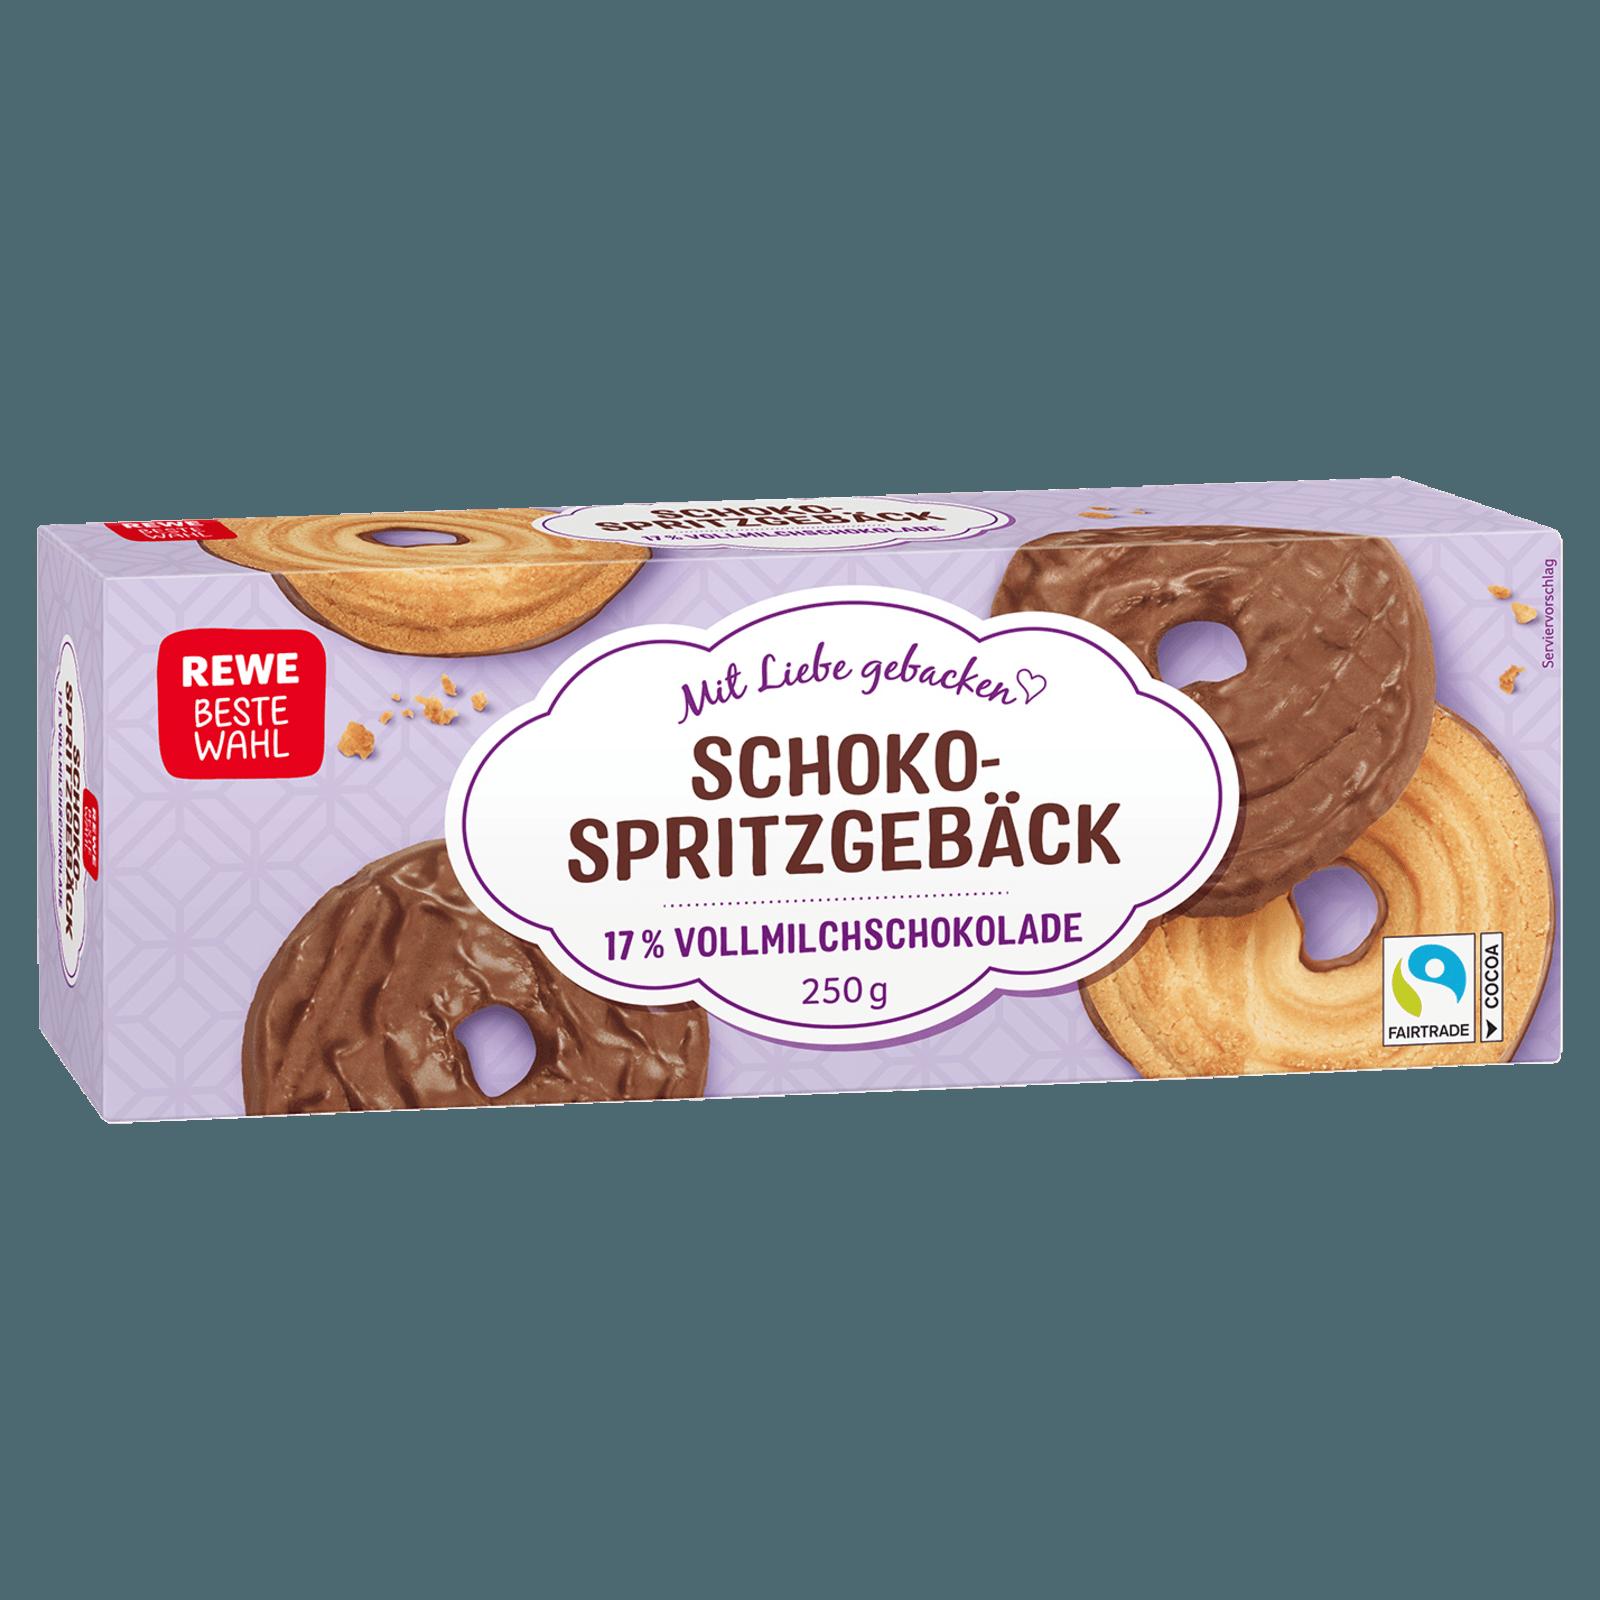 Rewe Beste Wahl Schoko Spritzgeback 250g Bei Rewe Online Bestellen